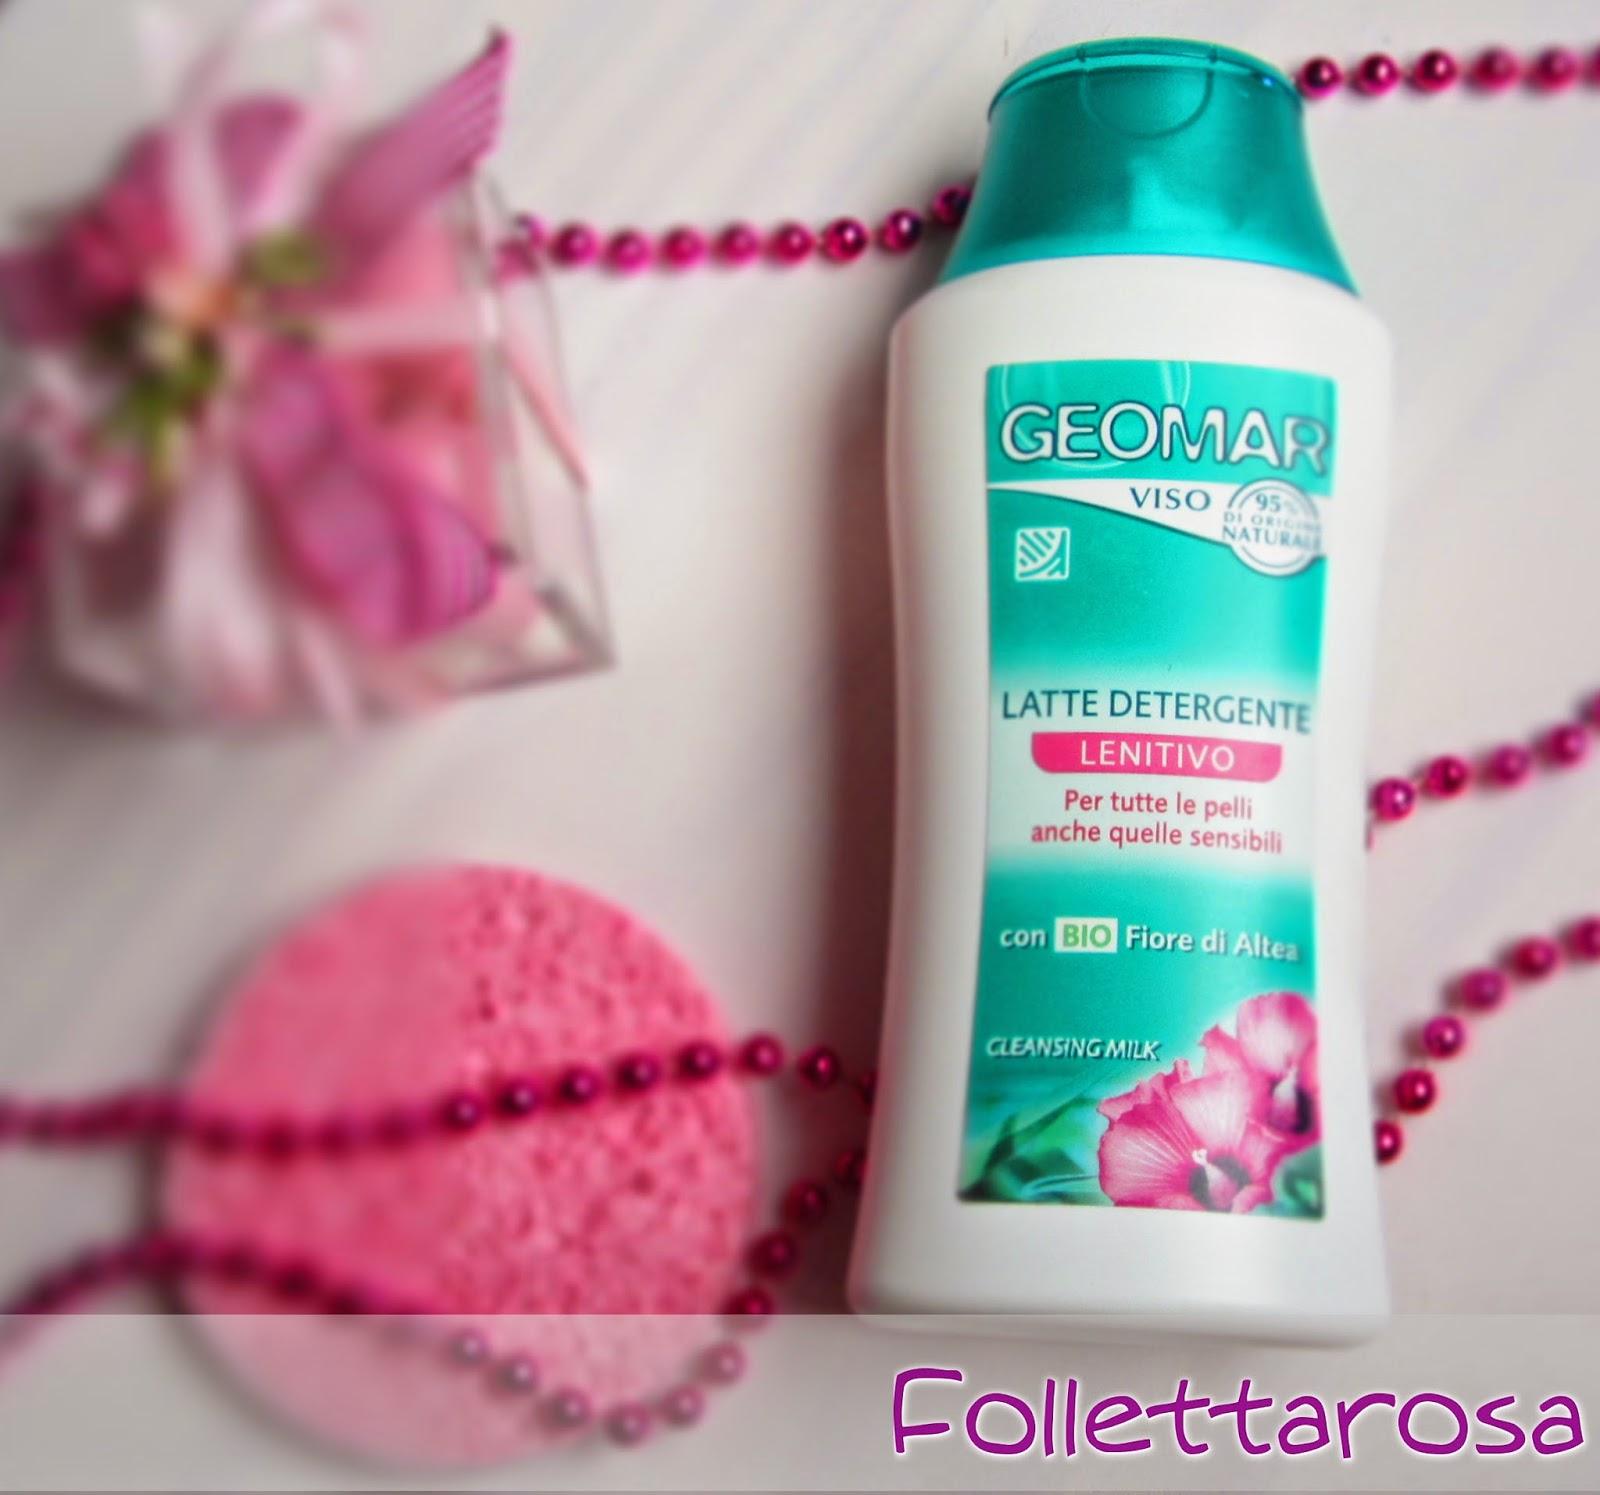 latte detergente geomar recensione